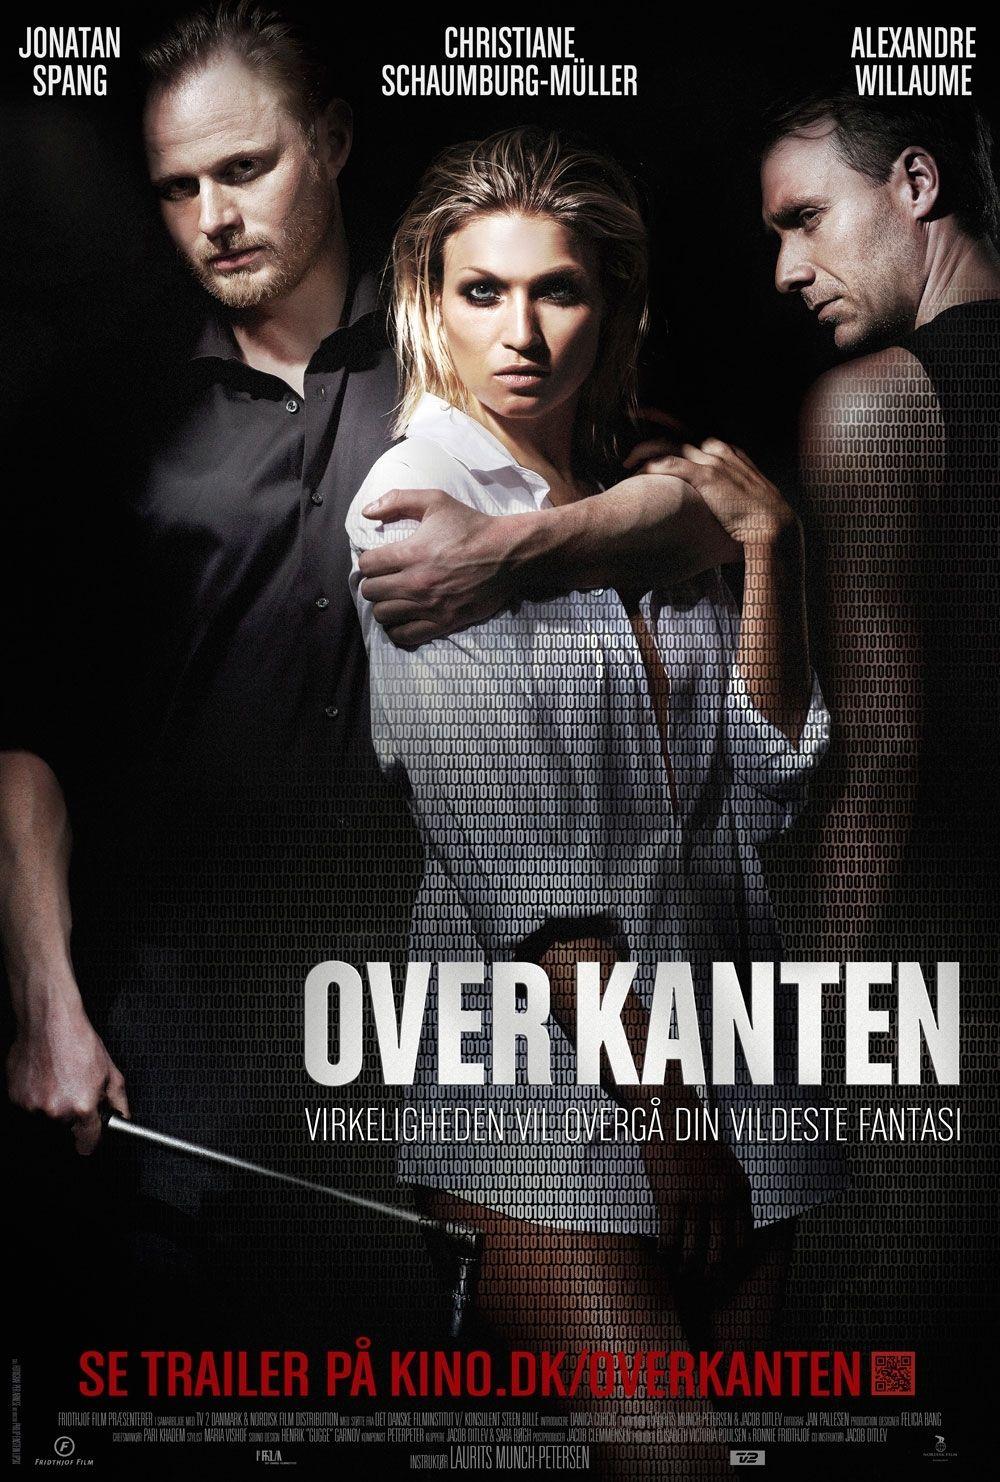 Over kanten - Film (2012)